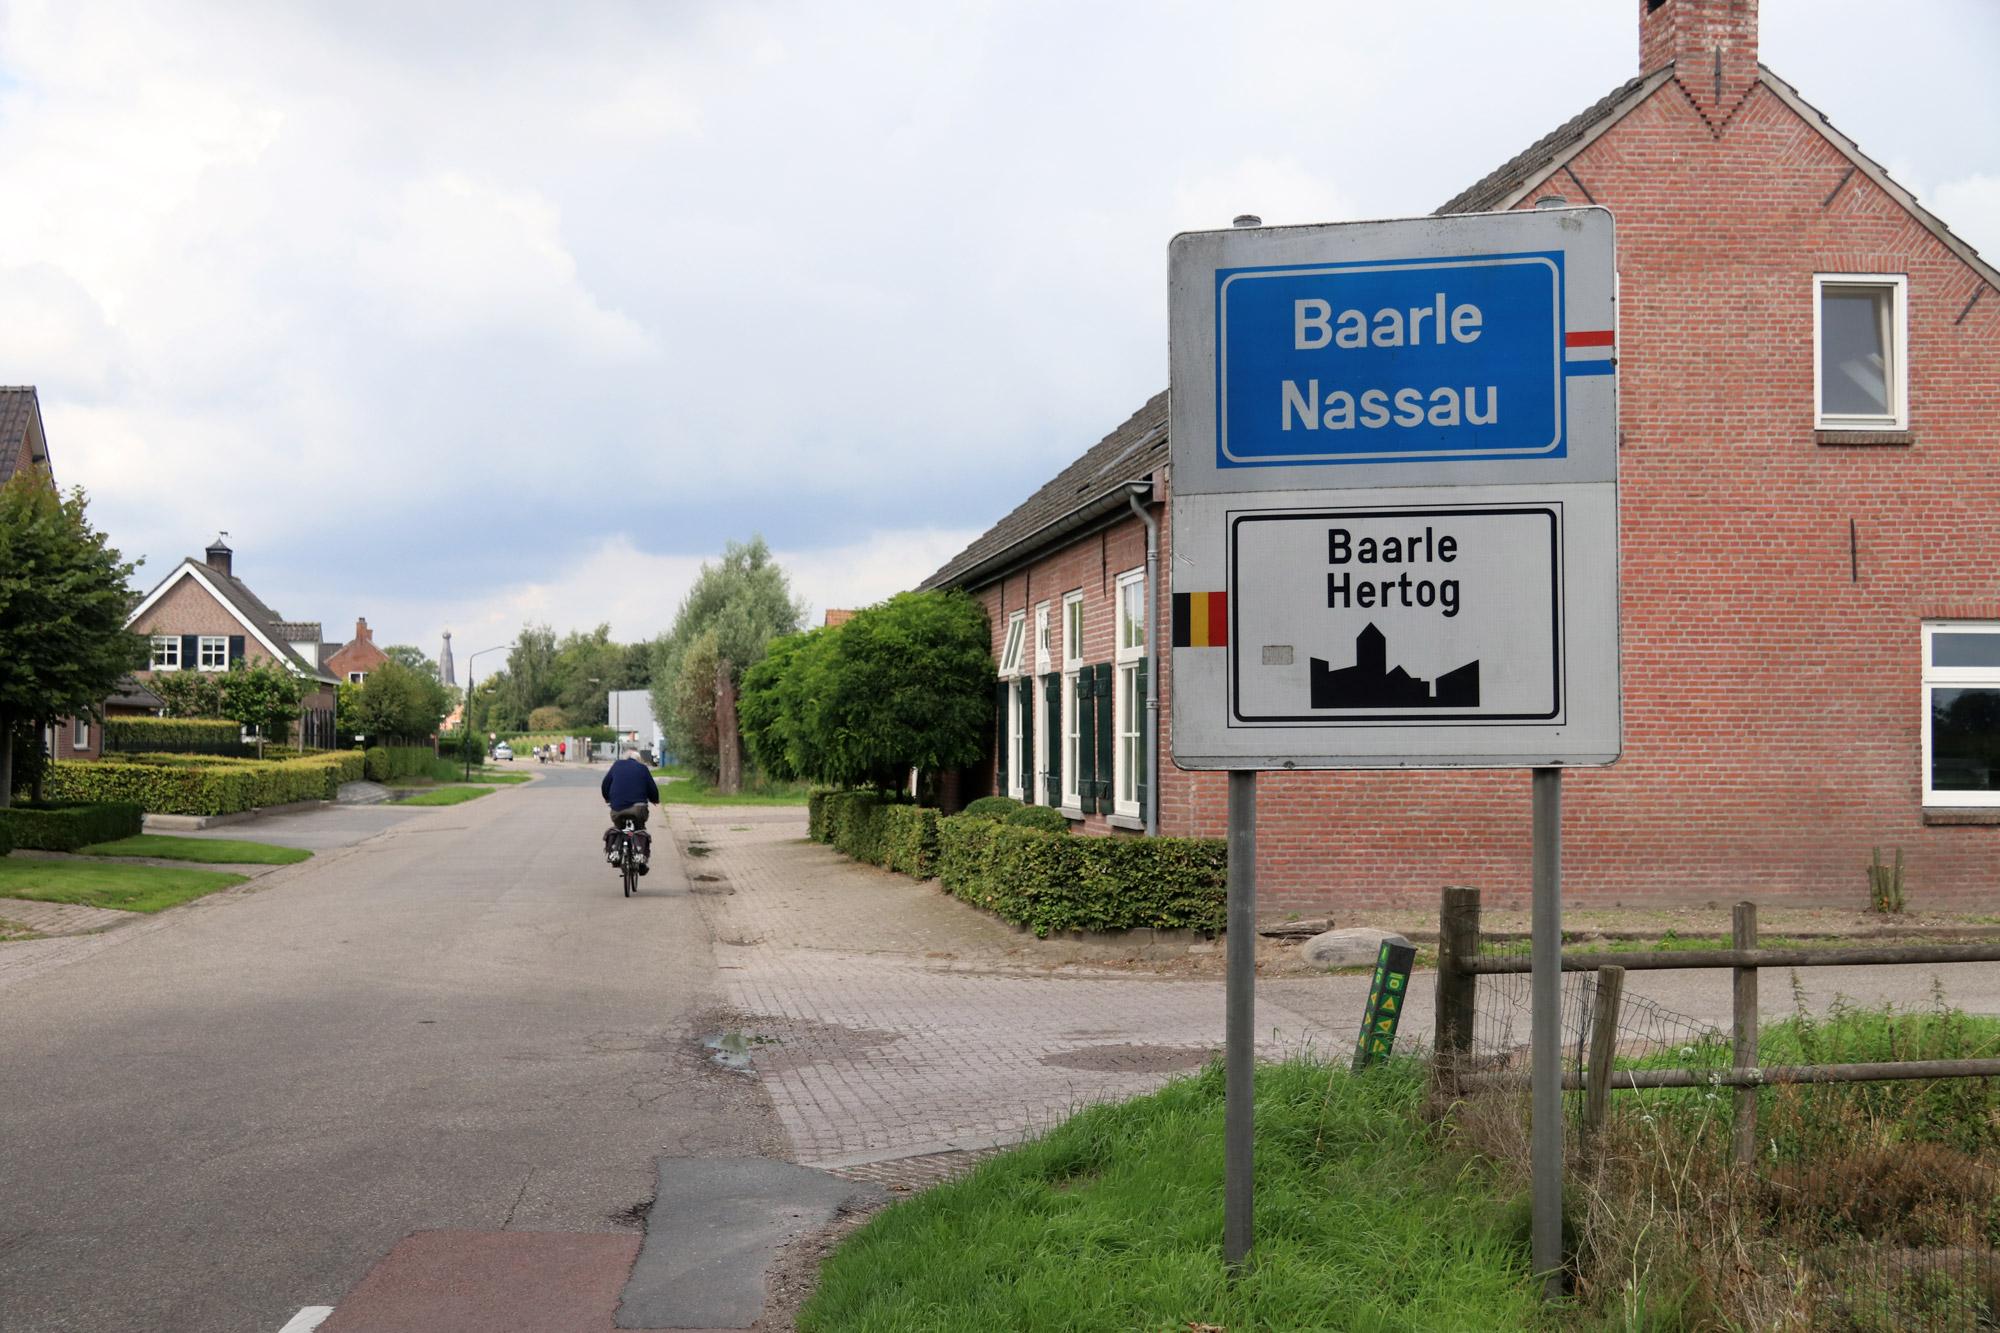 Een vreemd Nederlands/Belgisch dorp: Baarle - De borden bij binnenkomst